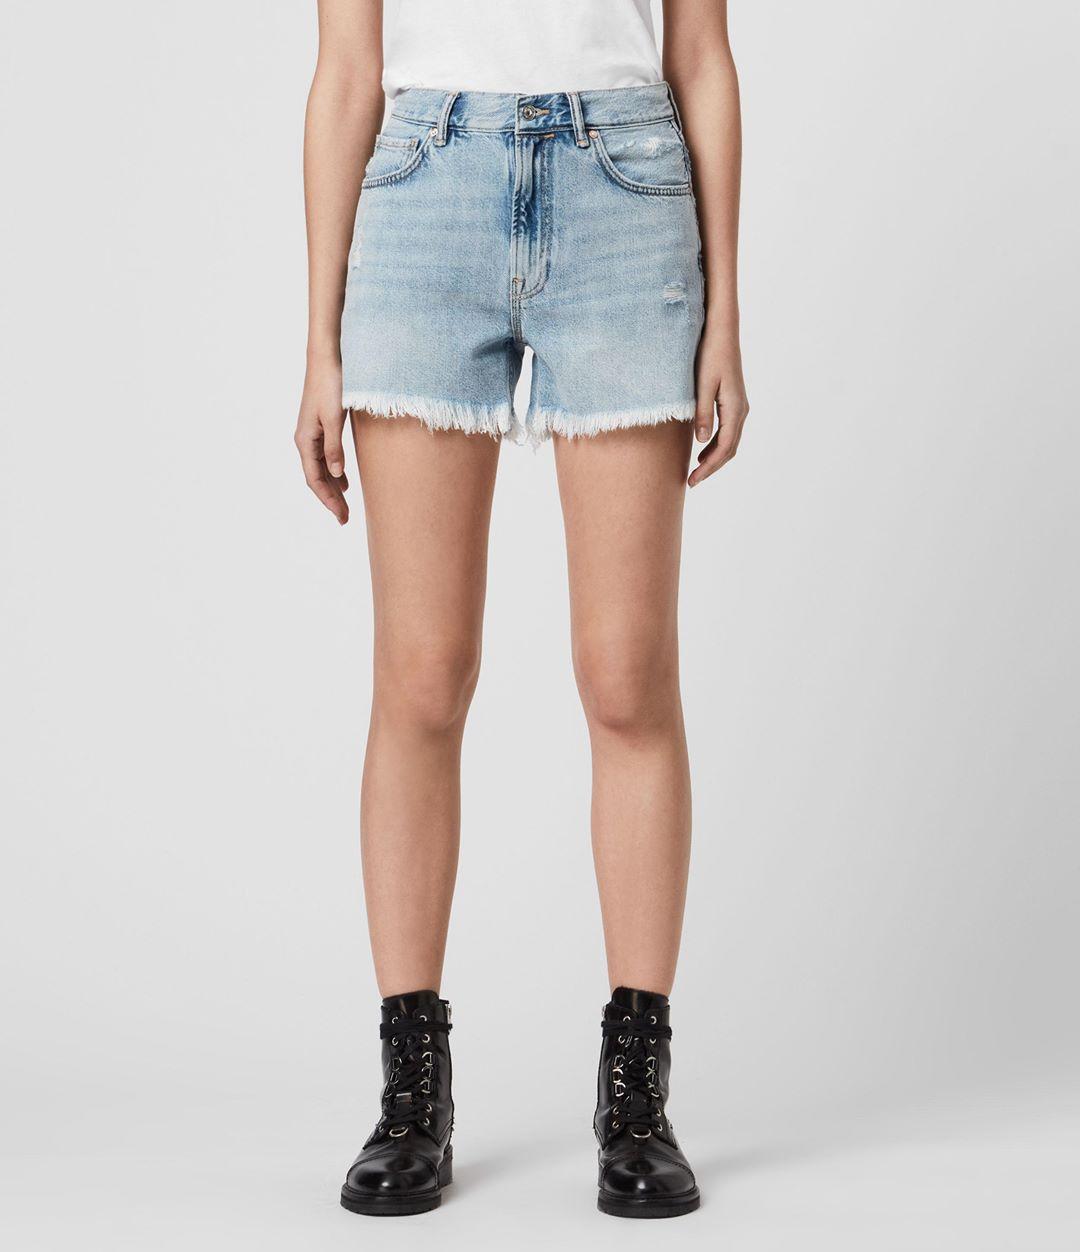 AllSaints Women's Cotton Relaxed Fit Yanni Denim Shorts, Blue, Size: 32